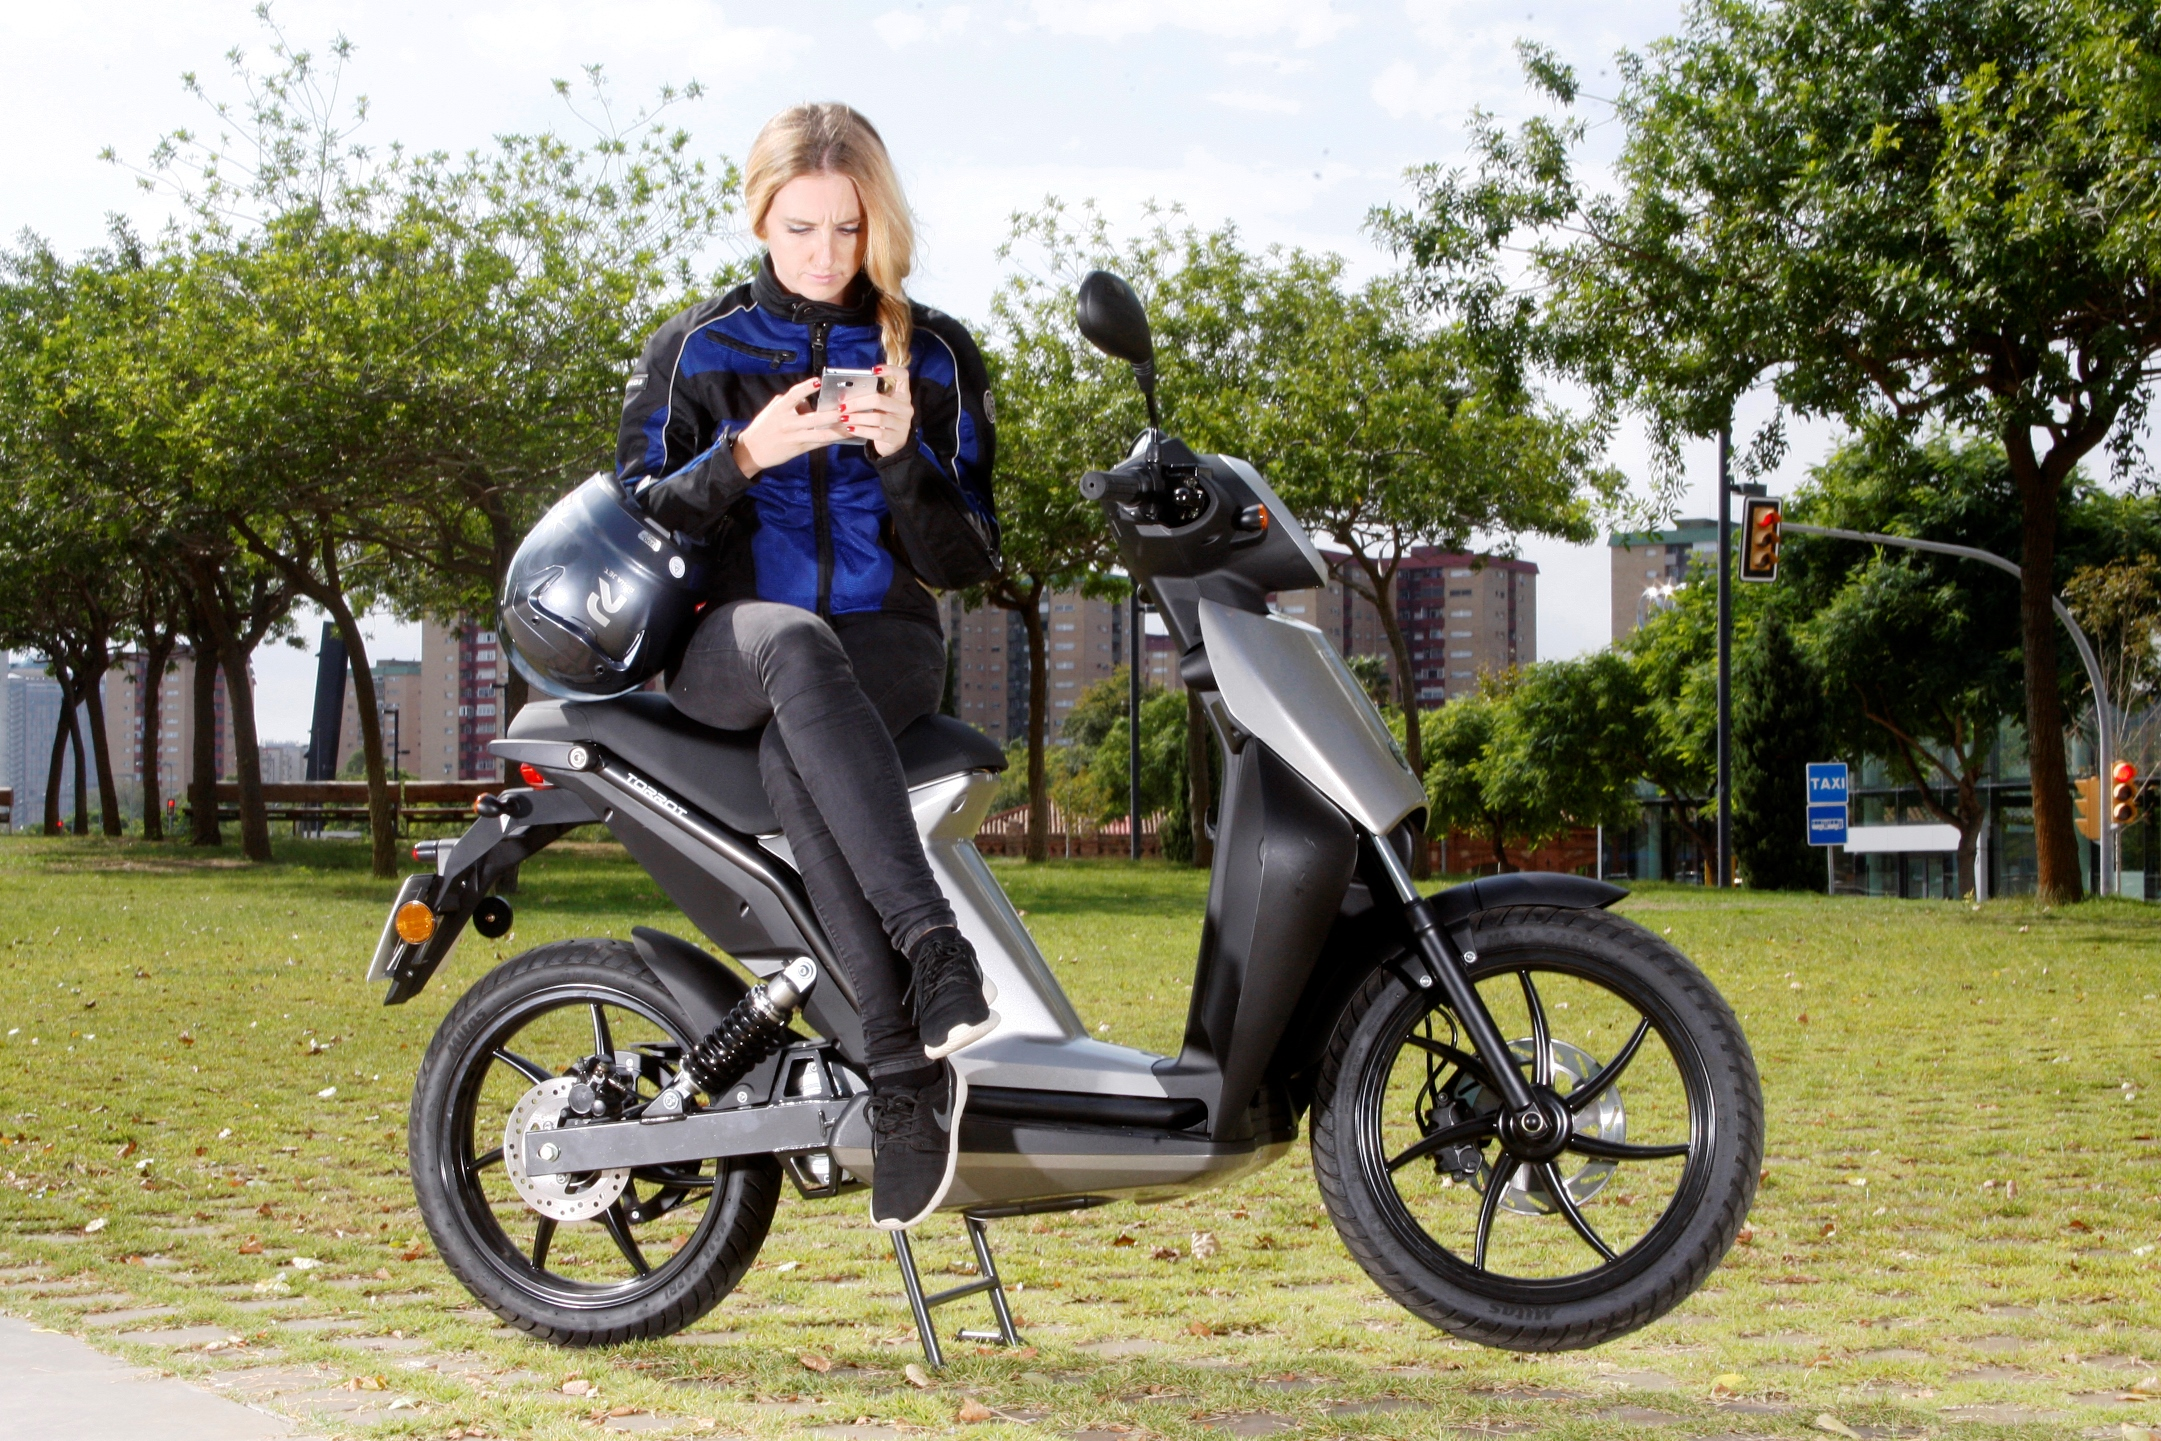 La moto eléctrica busca su espacio en la movilidad urbana